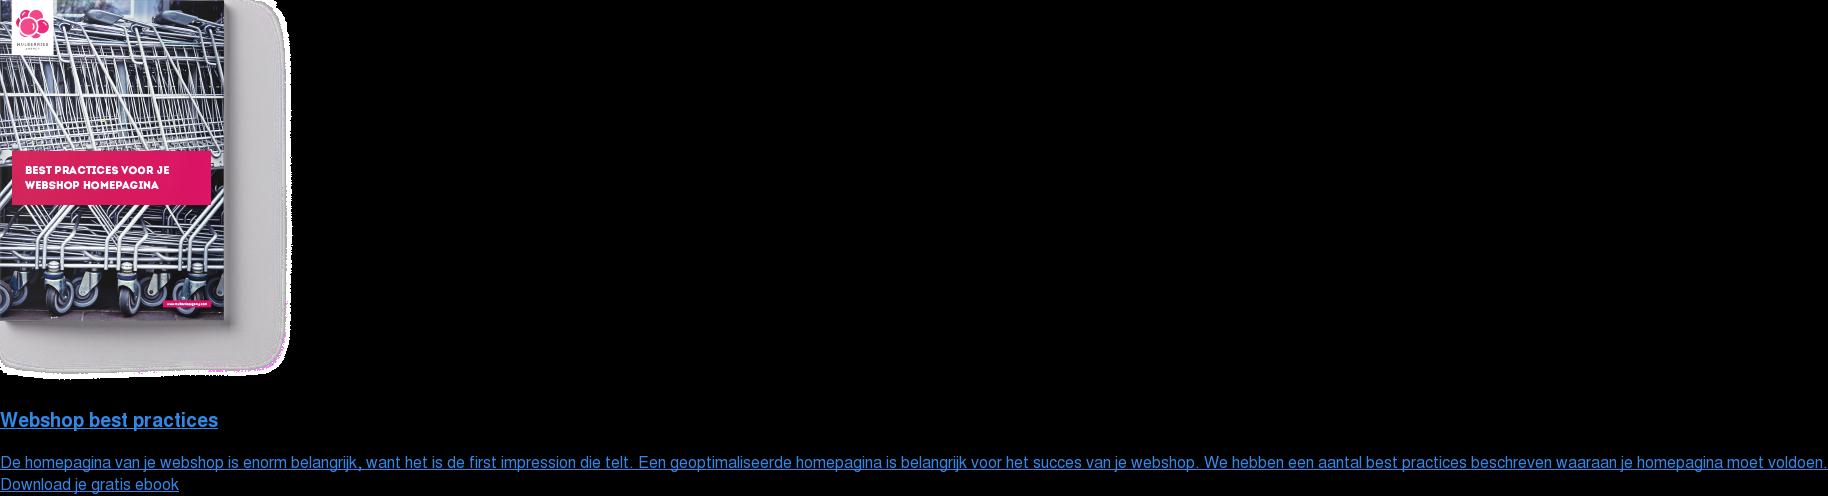 Webshop best practices  De homepagina van je webshop is enorm belangrijk, want het is de first  impression die telt. Een geoptimaliseerde homepagina is belangrijk voor het  succes van je webshop. We hebben een aantal best practices beschreven waaraan  je homepagina moet voldoen. Download je gratis ebook